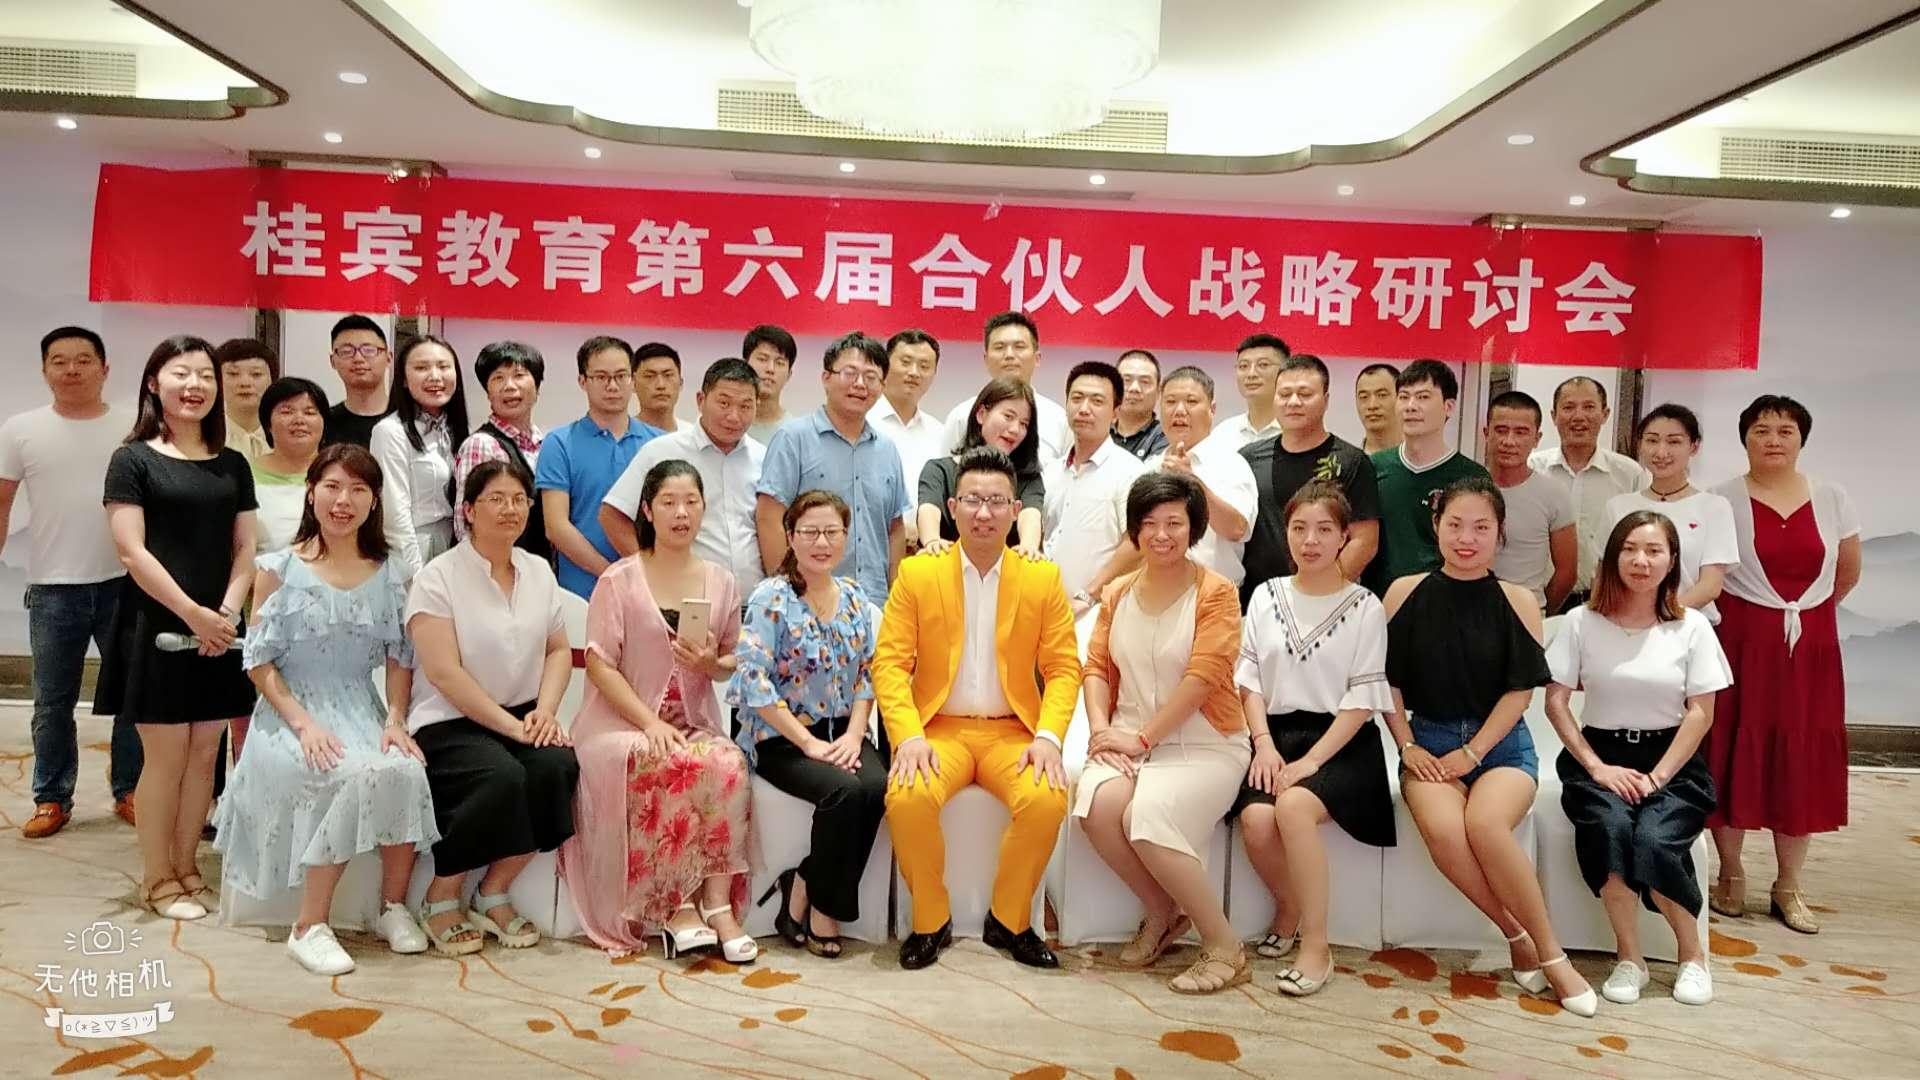 北京桂宾教育观察区域合伙人物体数学小学招募图片